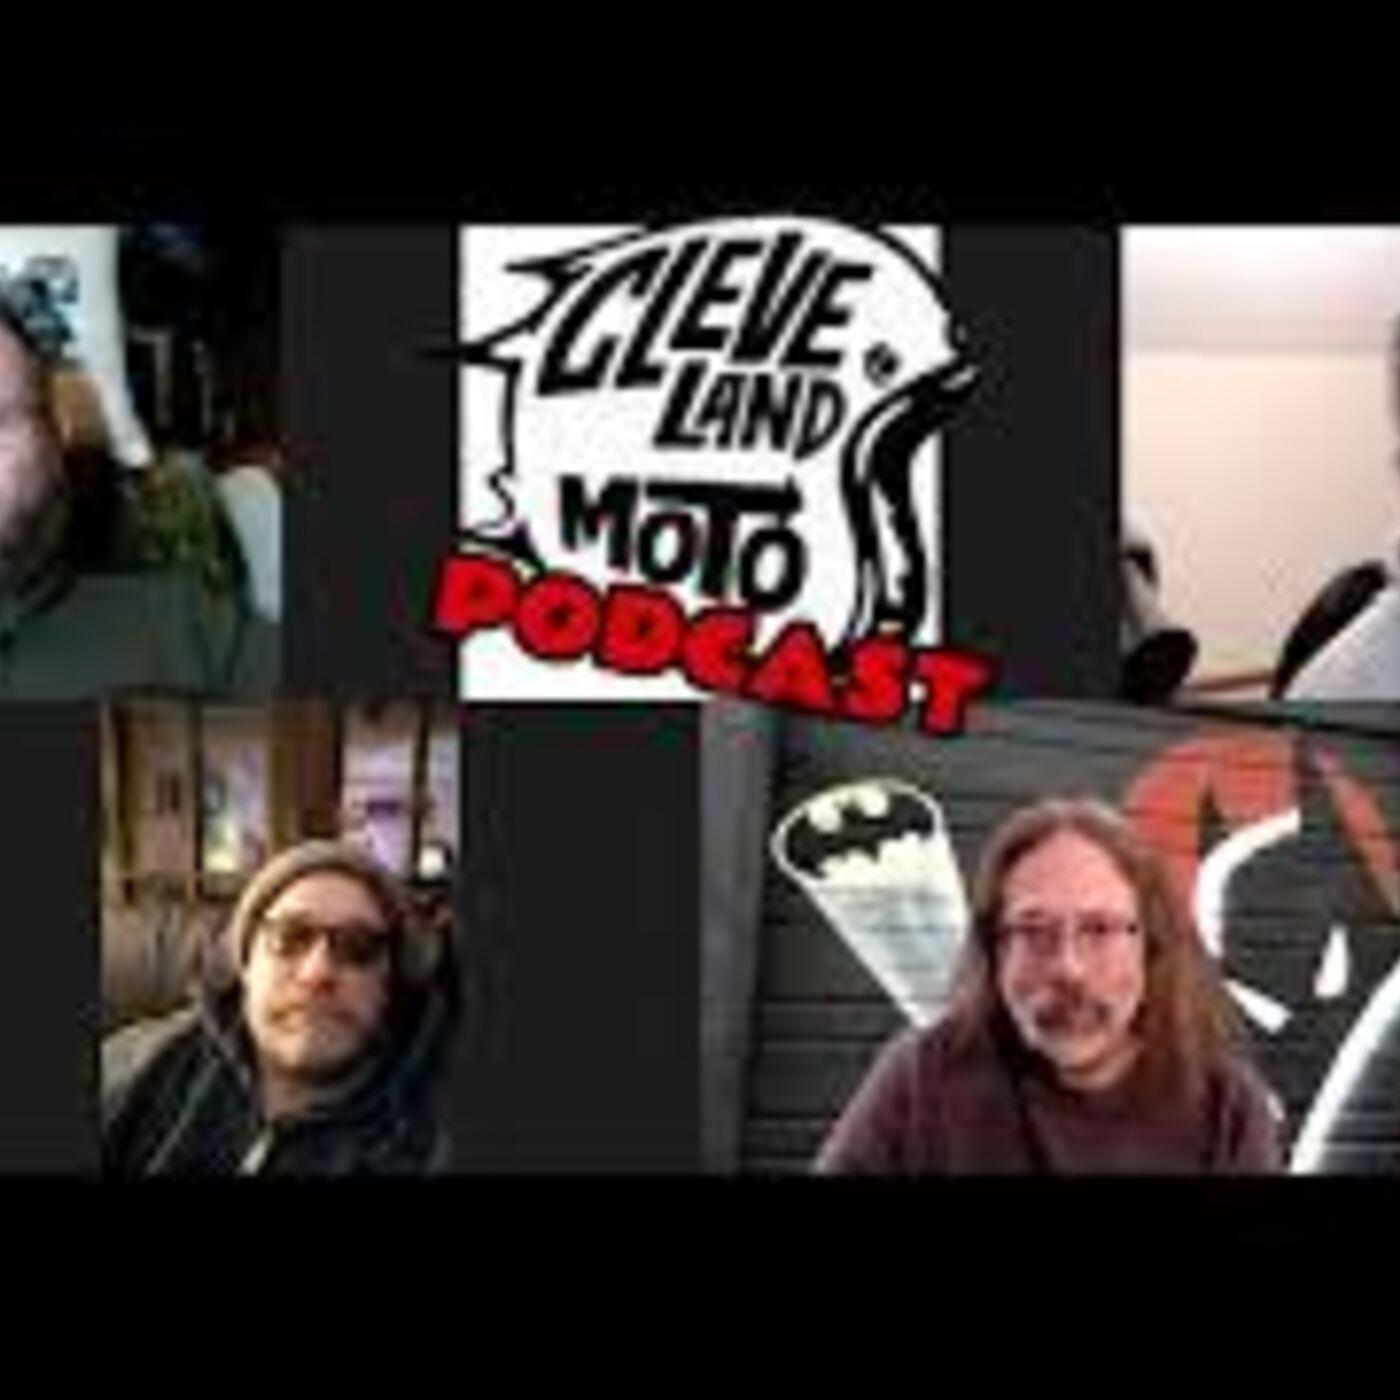 ClevelandMoto Podcast #308 Xmas Greetings